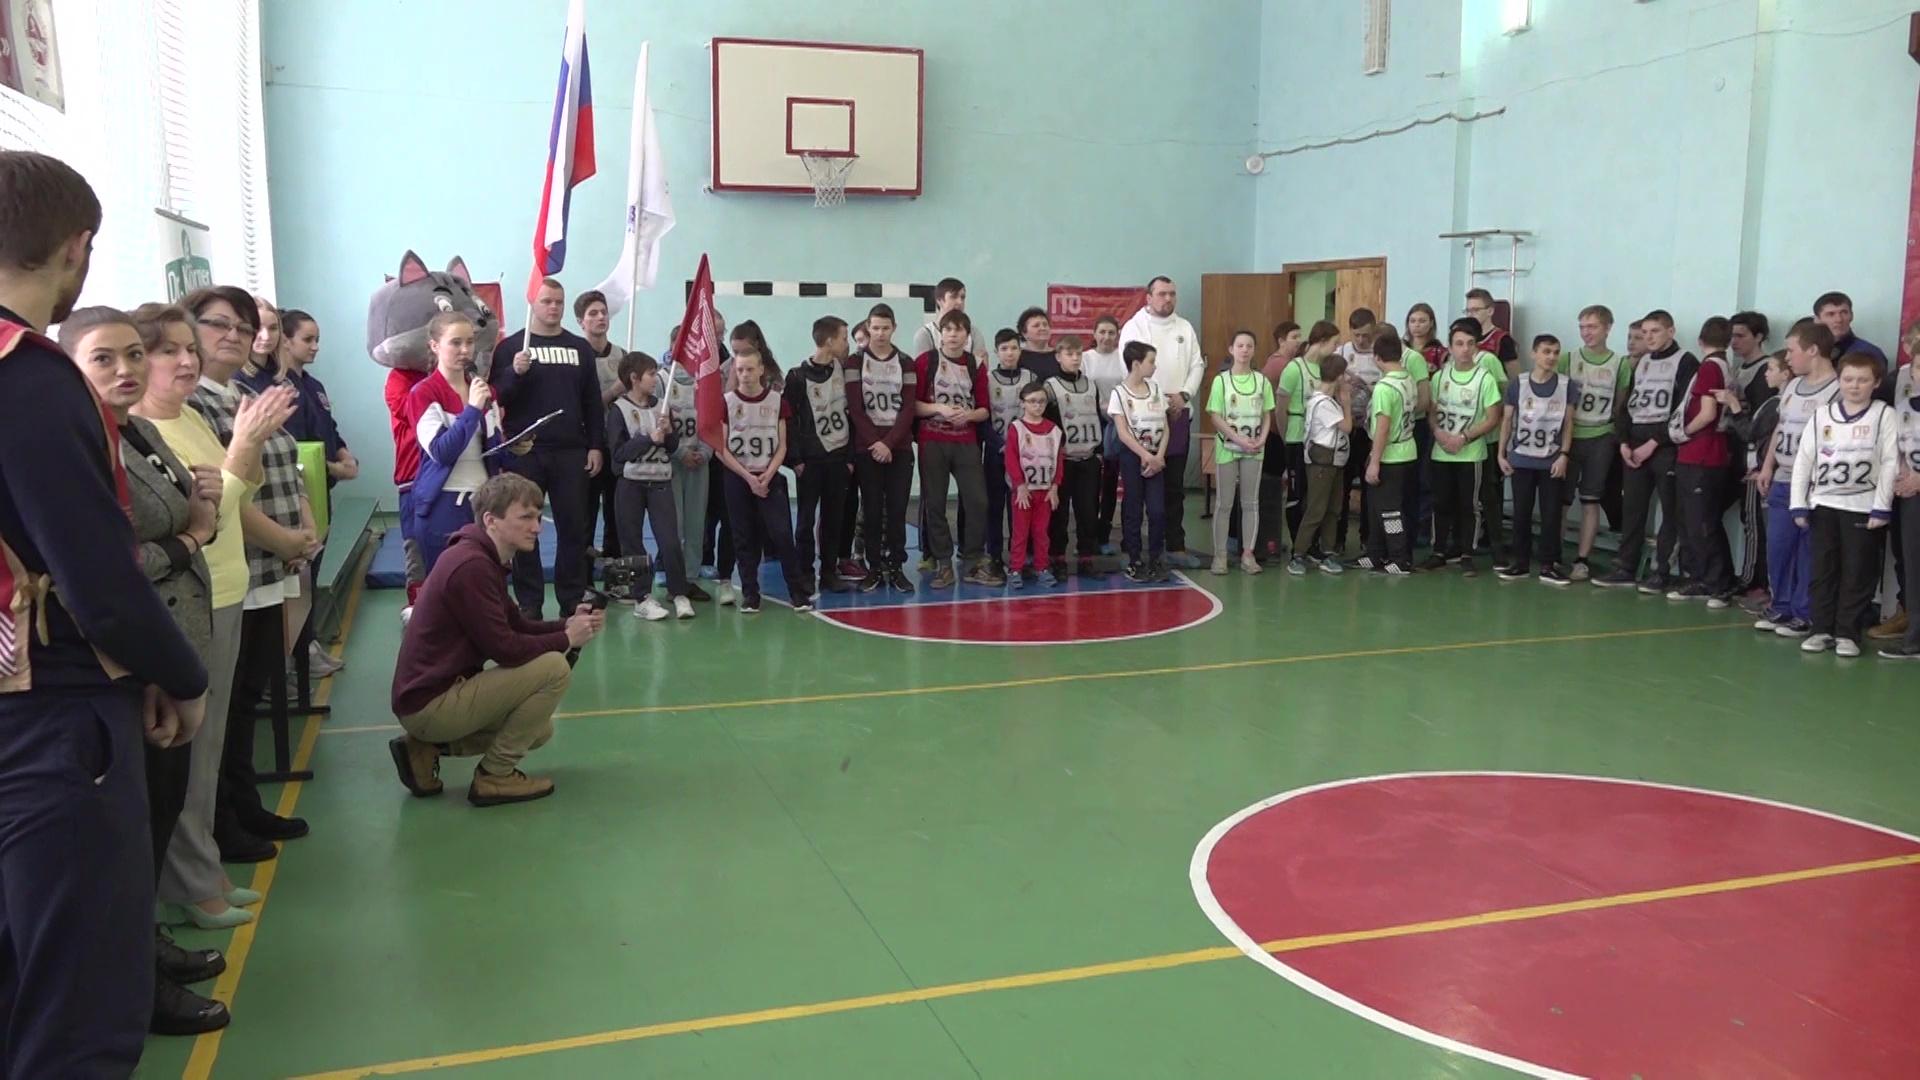 Нормативы вместо уроков: в Ярославле стартовал фестиваль «Спорт без ограничений»